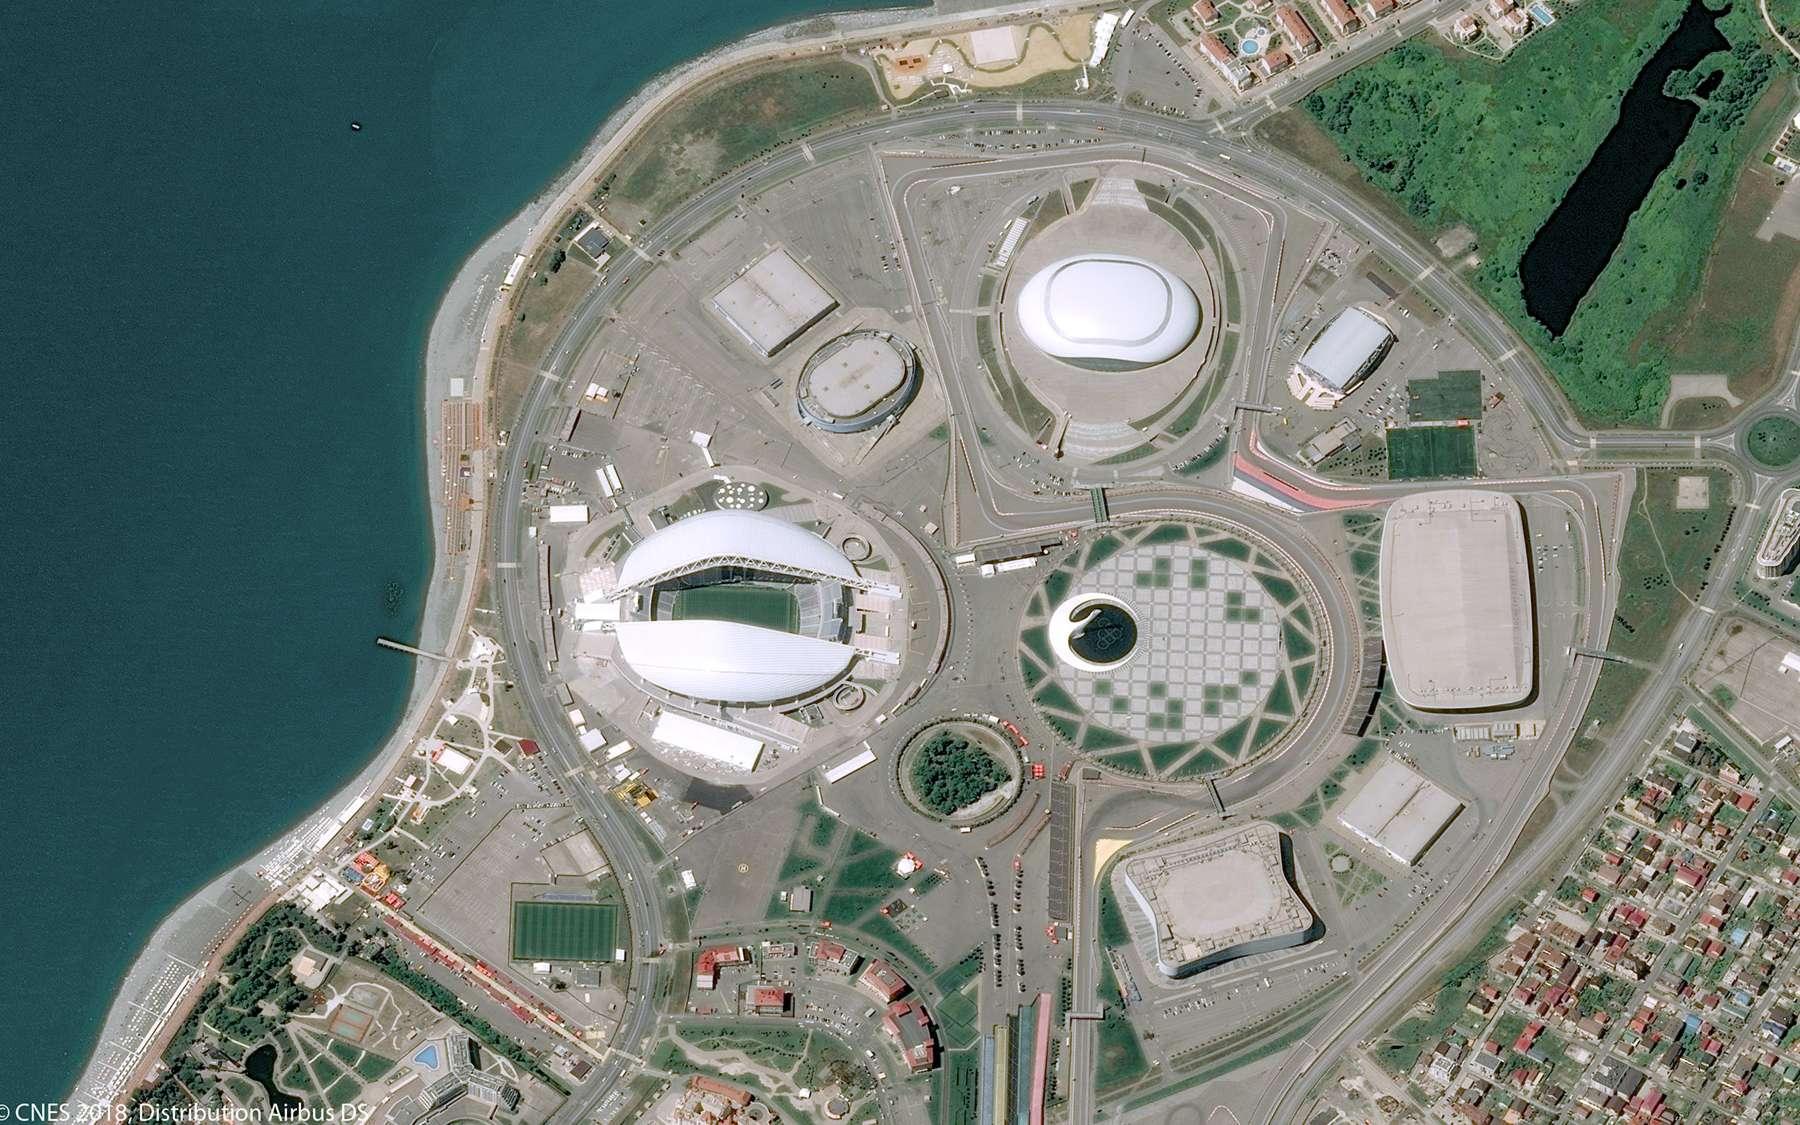 Le stade Ficht de Sotchi qui a accueilli les J.O. d'hiver de 2014. Ce stade a été construit en 2009 à l'occasion de ces Jeux olympiques d'hiver et rénové en 2015 en vue de la coupe du monde de football. © Pléiades, Cnes 2018, Distribution Airbus DS